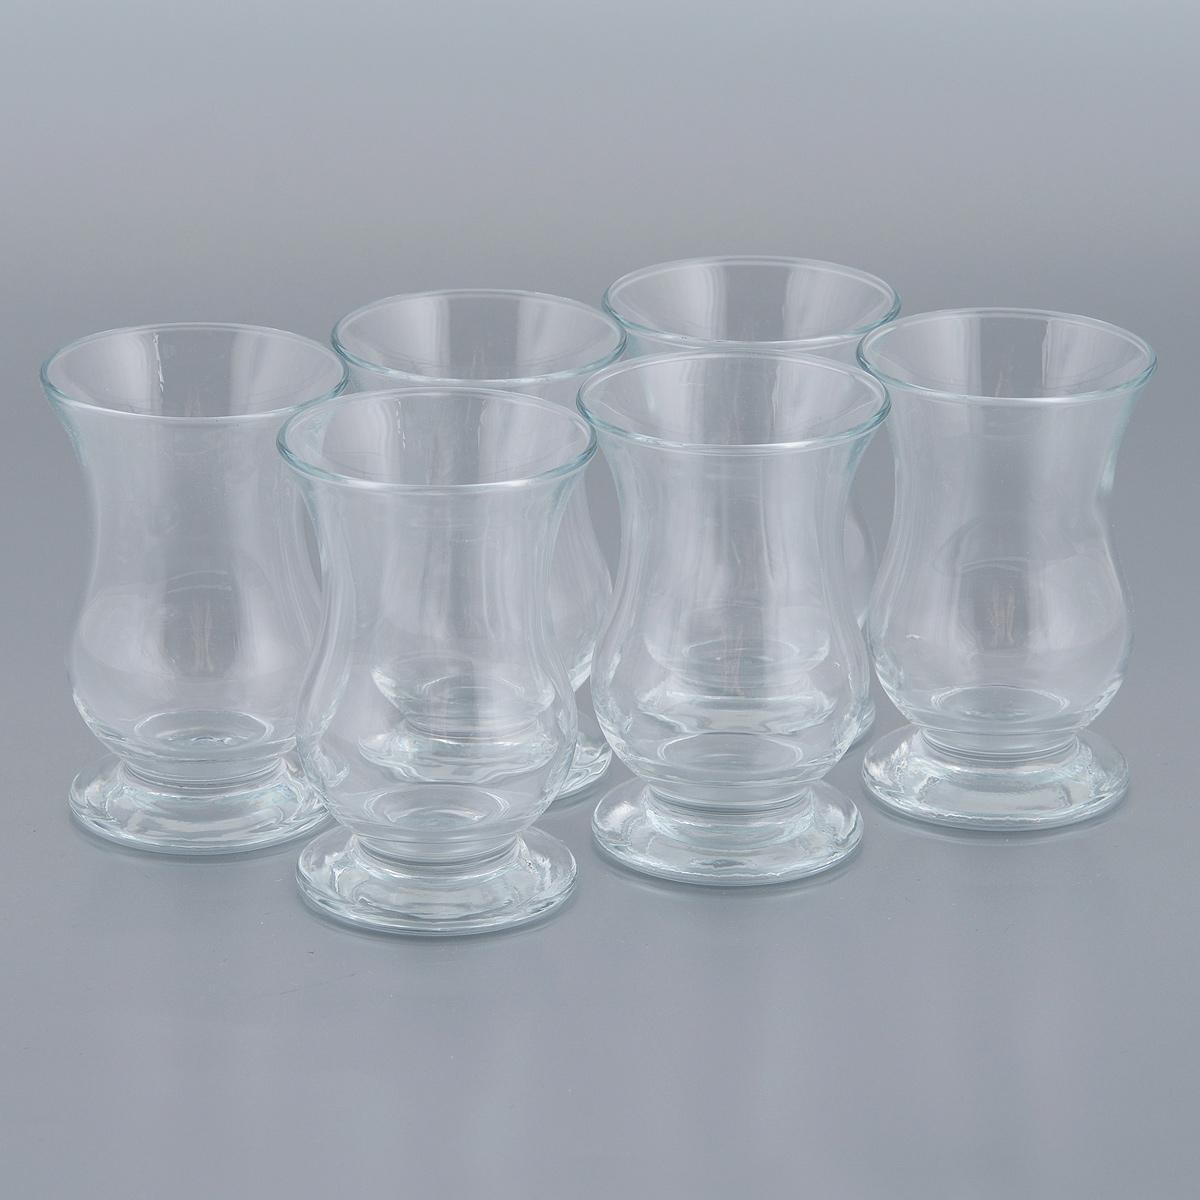 Набор стаканов Pasabahce Pera, 95 мл, 6 шт42351Набор Pasabahce Pera состоит из 6 стаканов, выполненных из прочного натрий-кальций-силикатного стекла, которое выдерживает нагрев до 70°С.Стильный лаконичный дизайн, роскошный внешний вид и несравненное качество сделают их великолепным украшением стола.Подходят для мытья в посудомоечной машине. Можно использовать в микроволновой печи и для хранения пищи в холодильнике.Диаметр (по верхнему краю): 5,5 см.Высота стакана: 8,5 см.